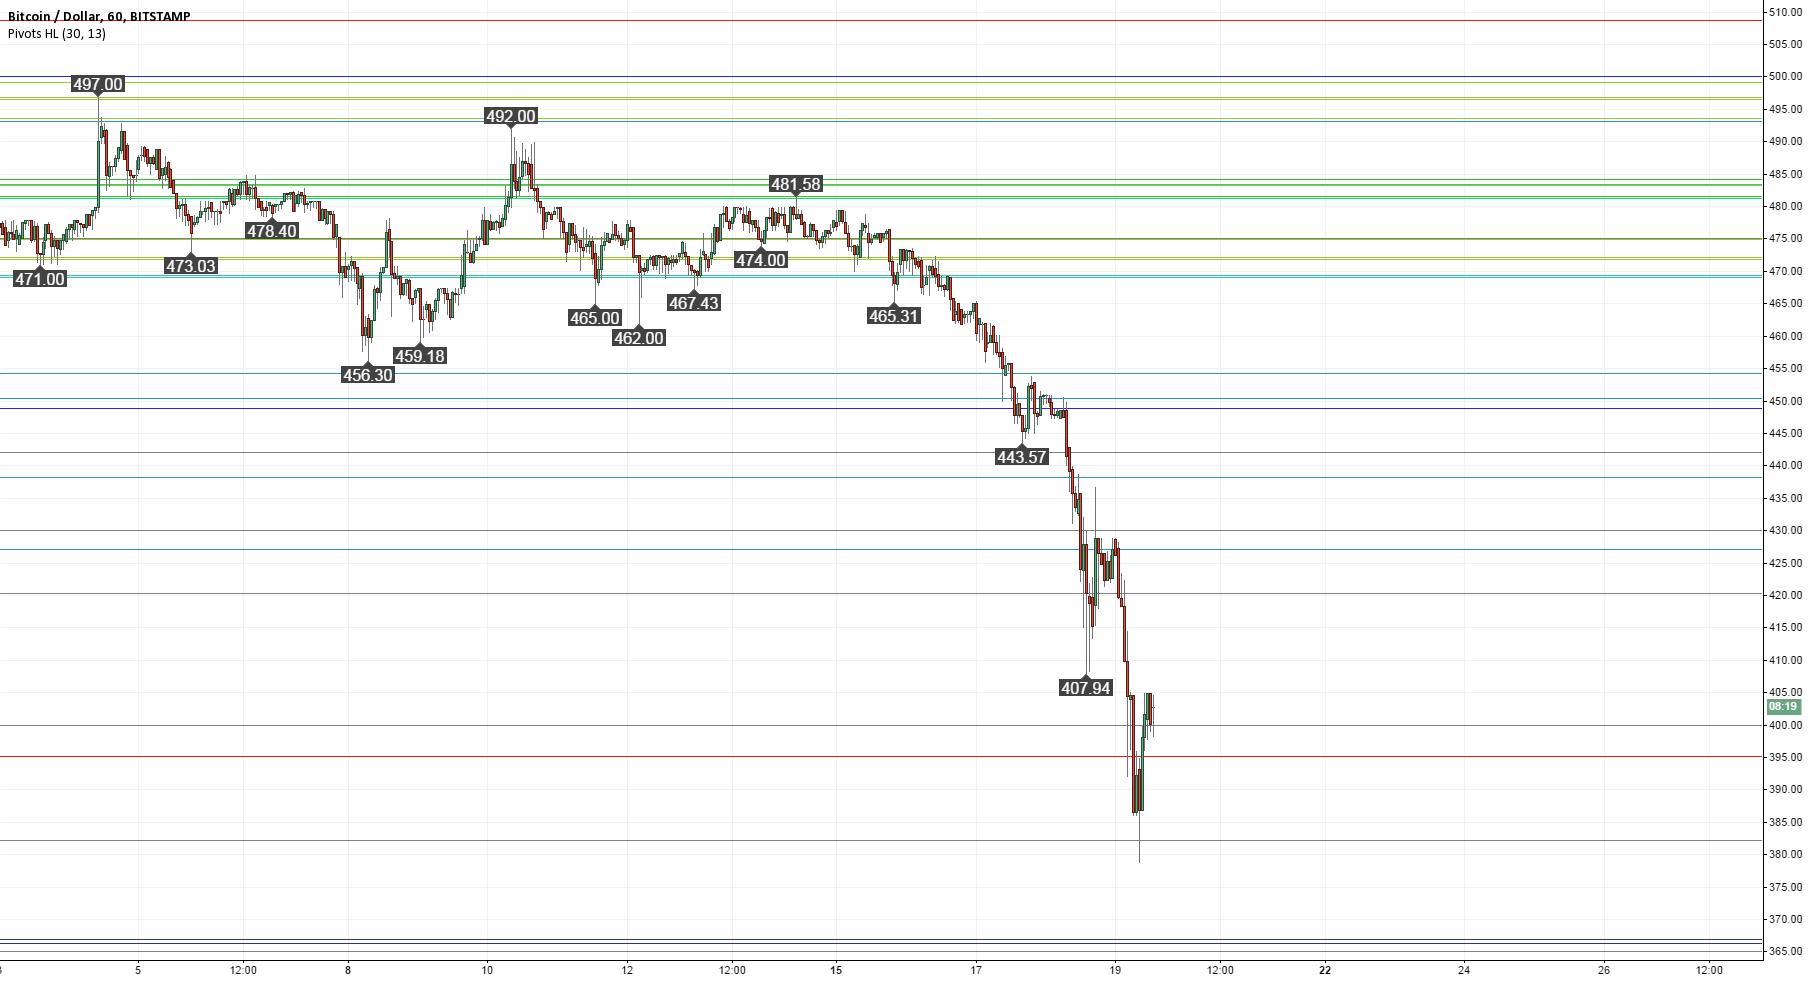 Fibonacci Retracements: If $400 fails, next support at $366?